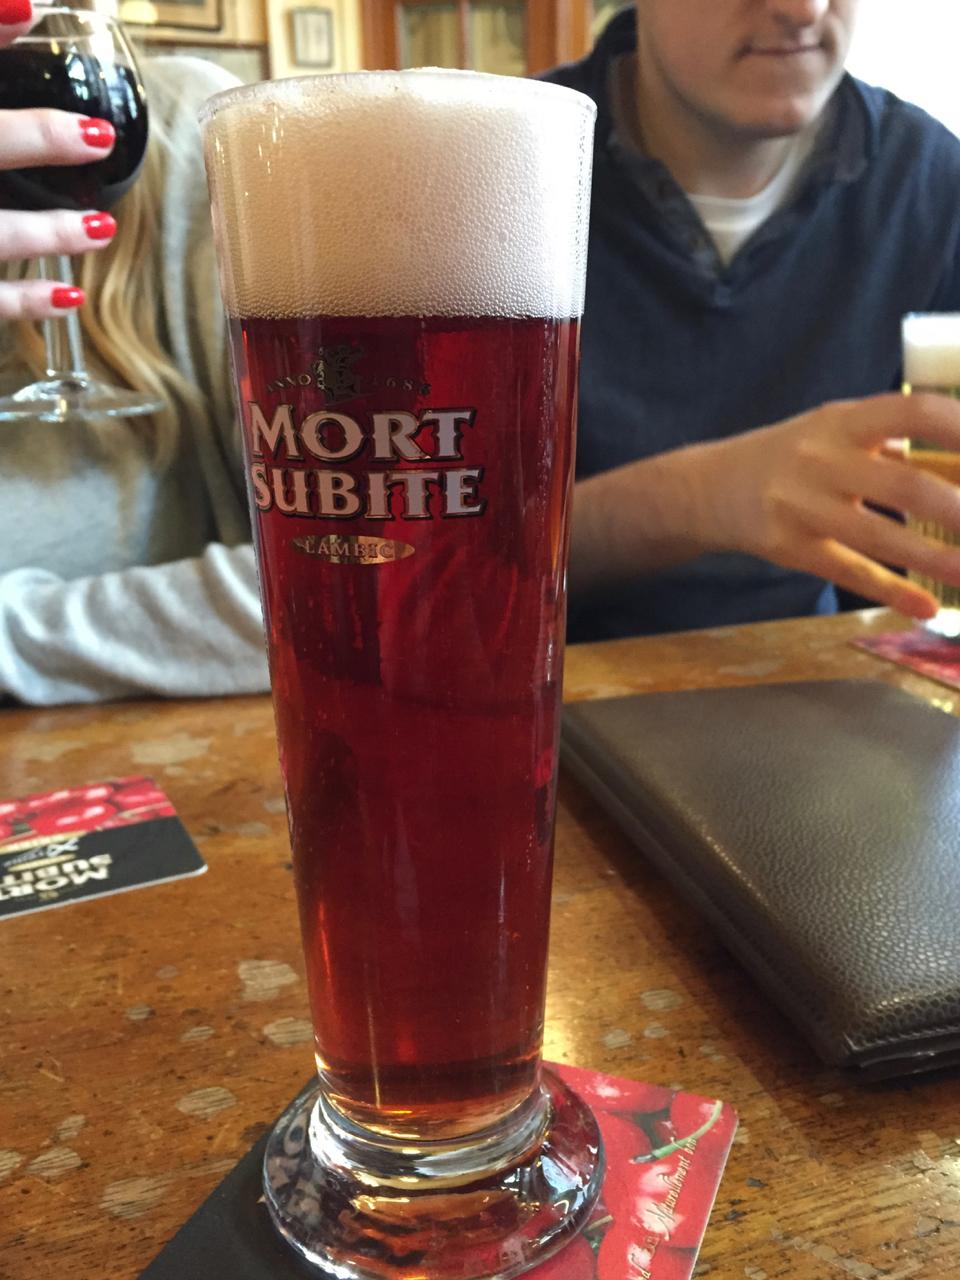 mort subite framboise beer raspberry gastrogays bar beer brussels